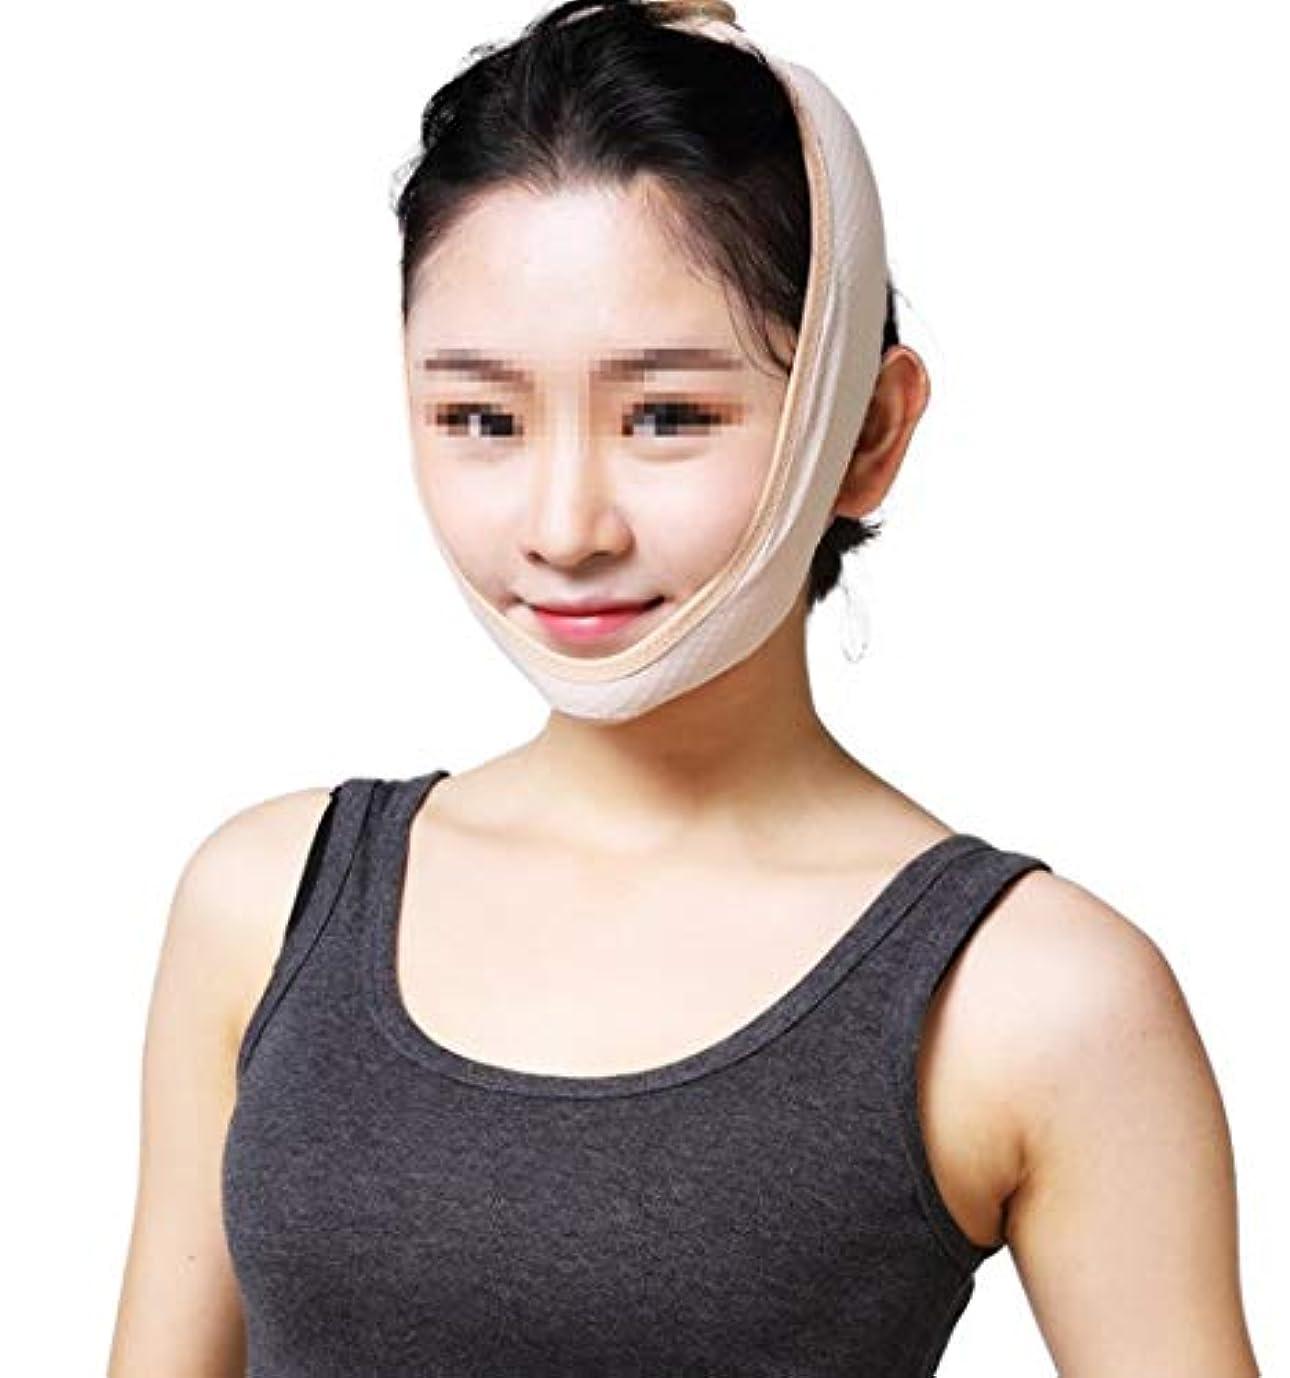 観察する驚かす取得する顔を持ち上げる包帯、口を開けて眠るのを防ぐための女性の通気性いびきベルトいびきアーチファクト抗あご転位矯正包帯いびき装置